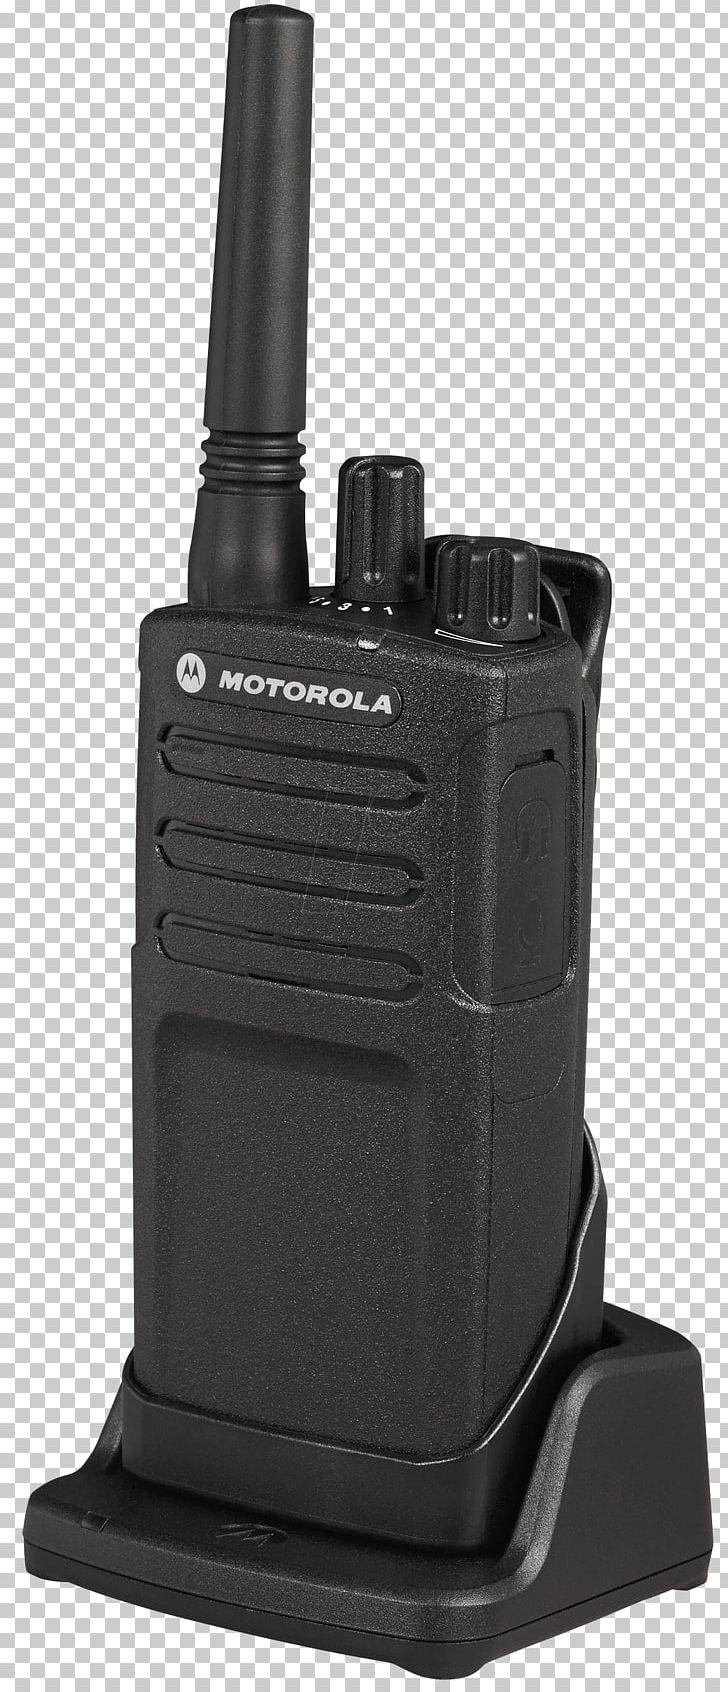 Walkie-talkie PMR446 Two-way Radio Motorola Two Way Motorola TLKR Walkie Talkie PNG, Clipart, Electronic Device, Electronics, Gfunk Vibez Radio, Hardware, Mobile Phones Free PNG Download